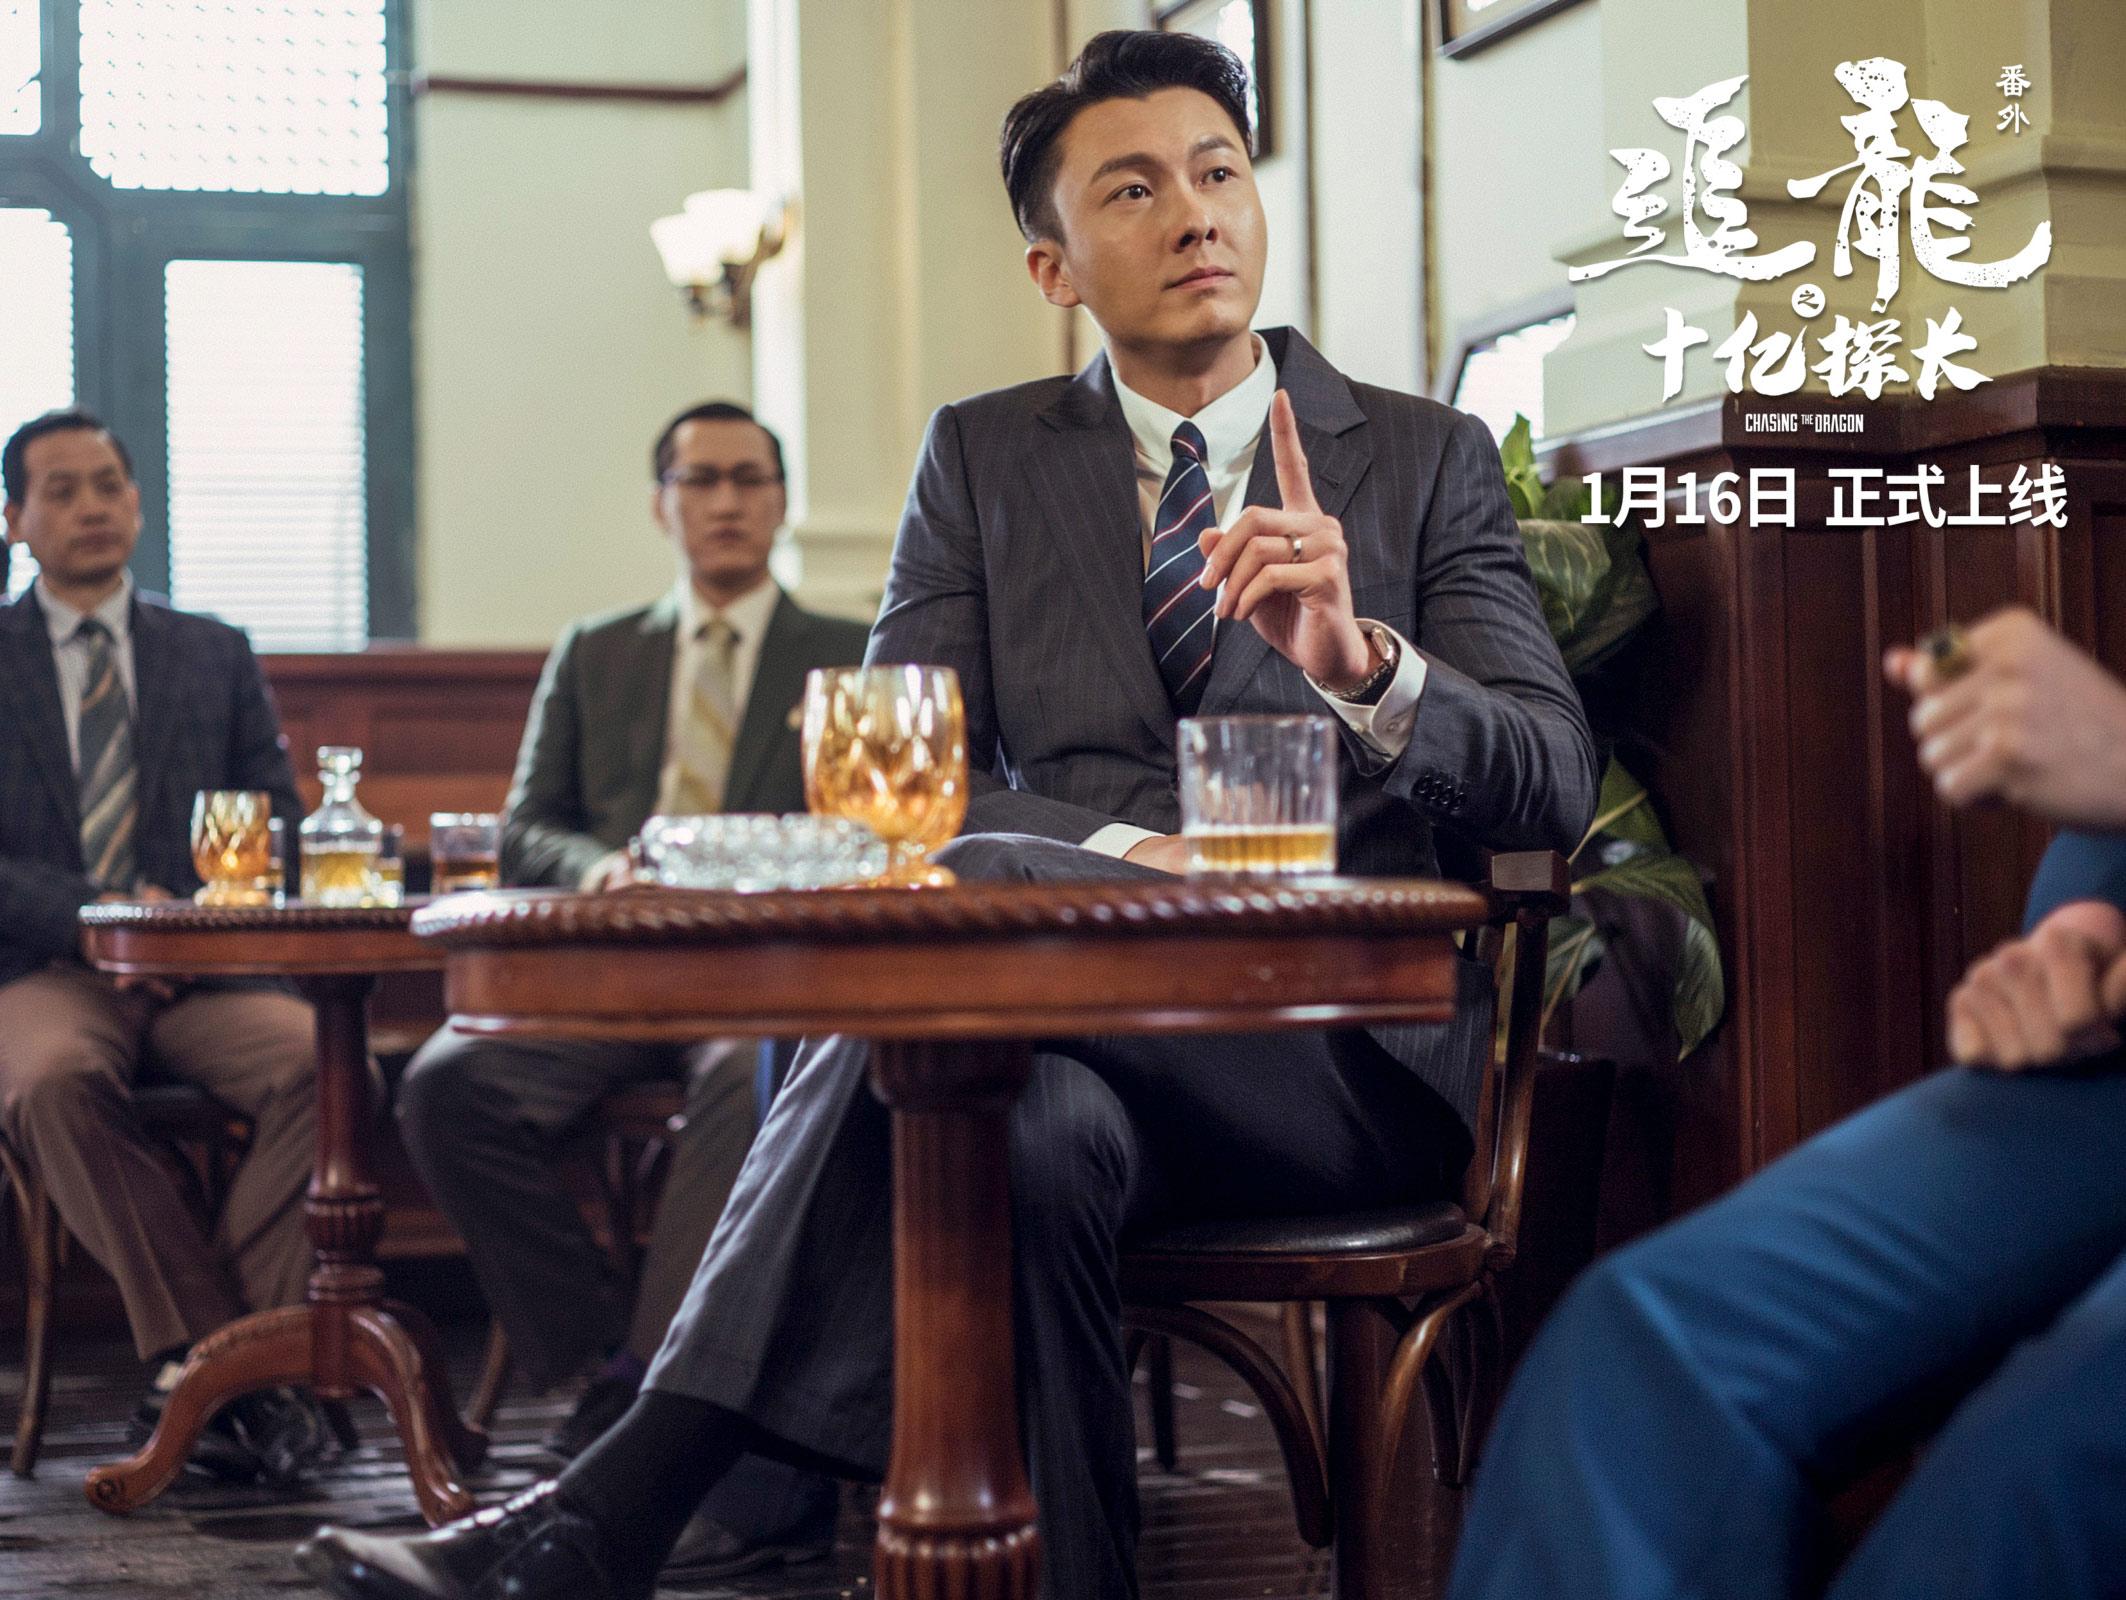 《追龙番外之十亿探长》上线 四大看点揭秘香港传奇往事